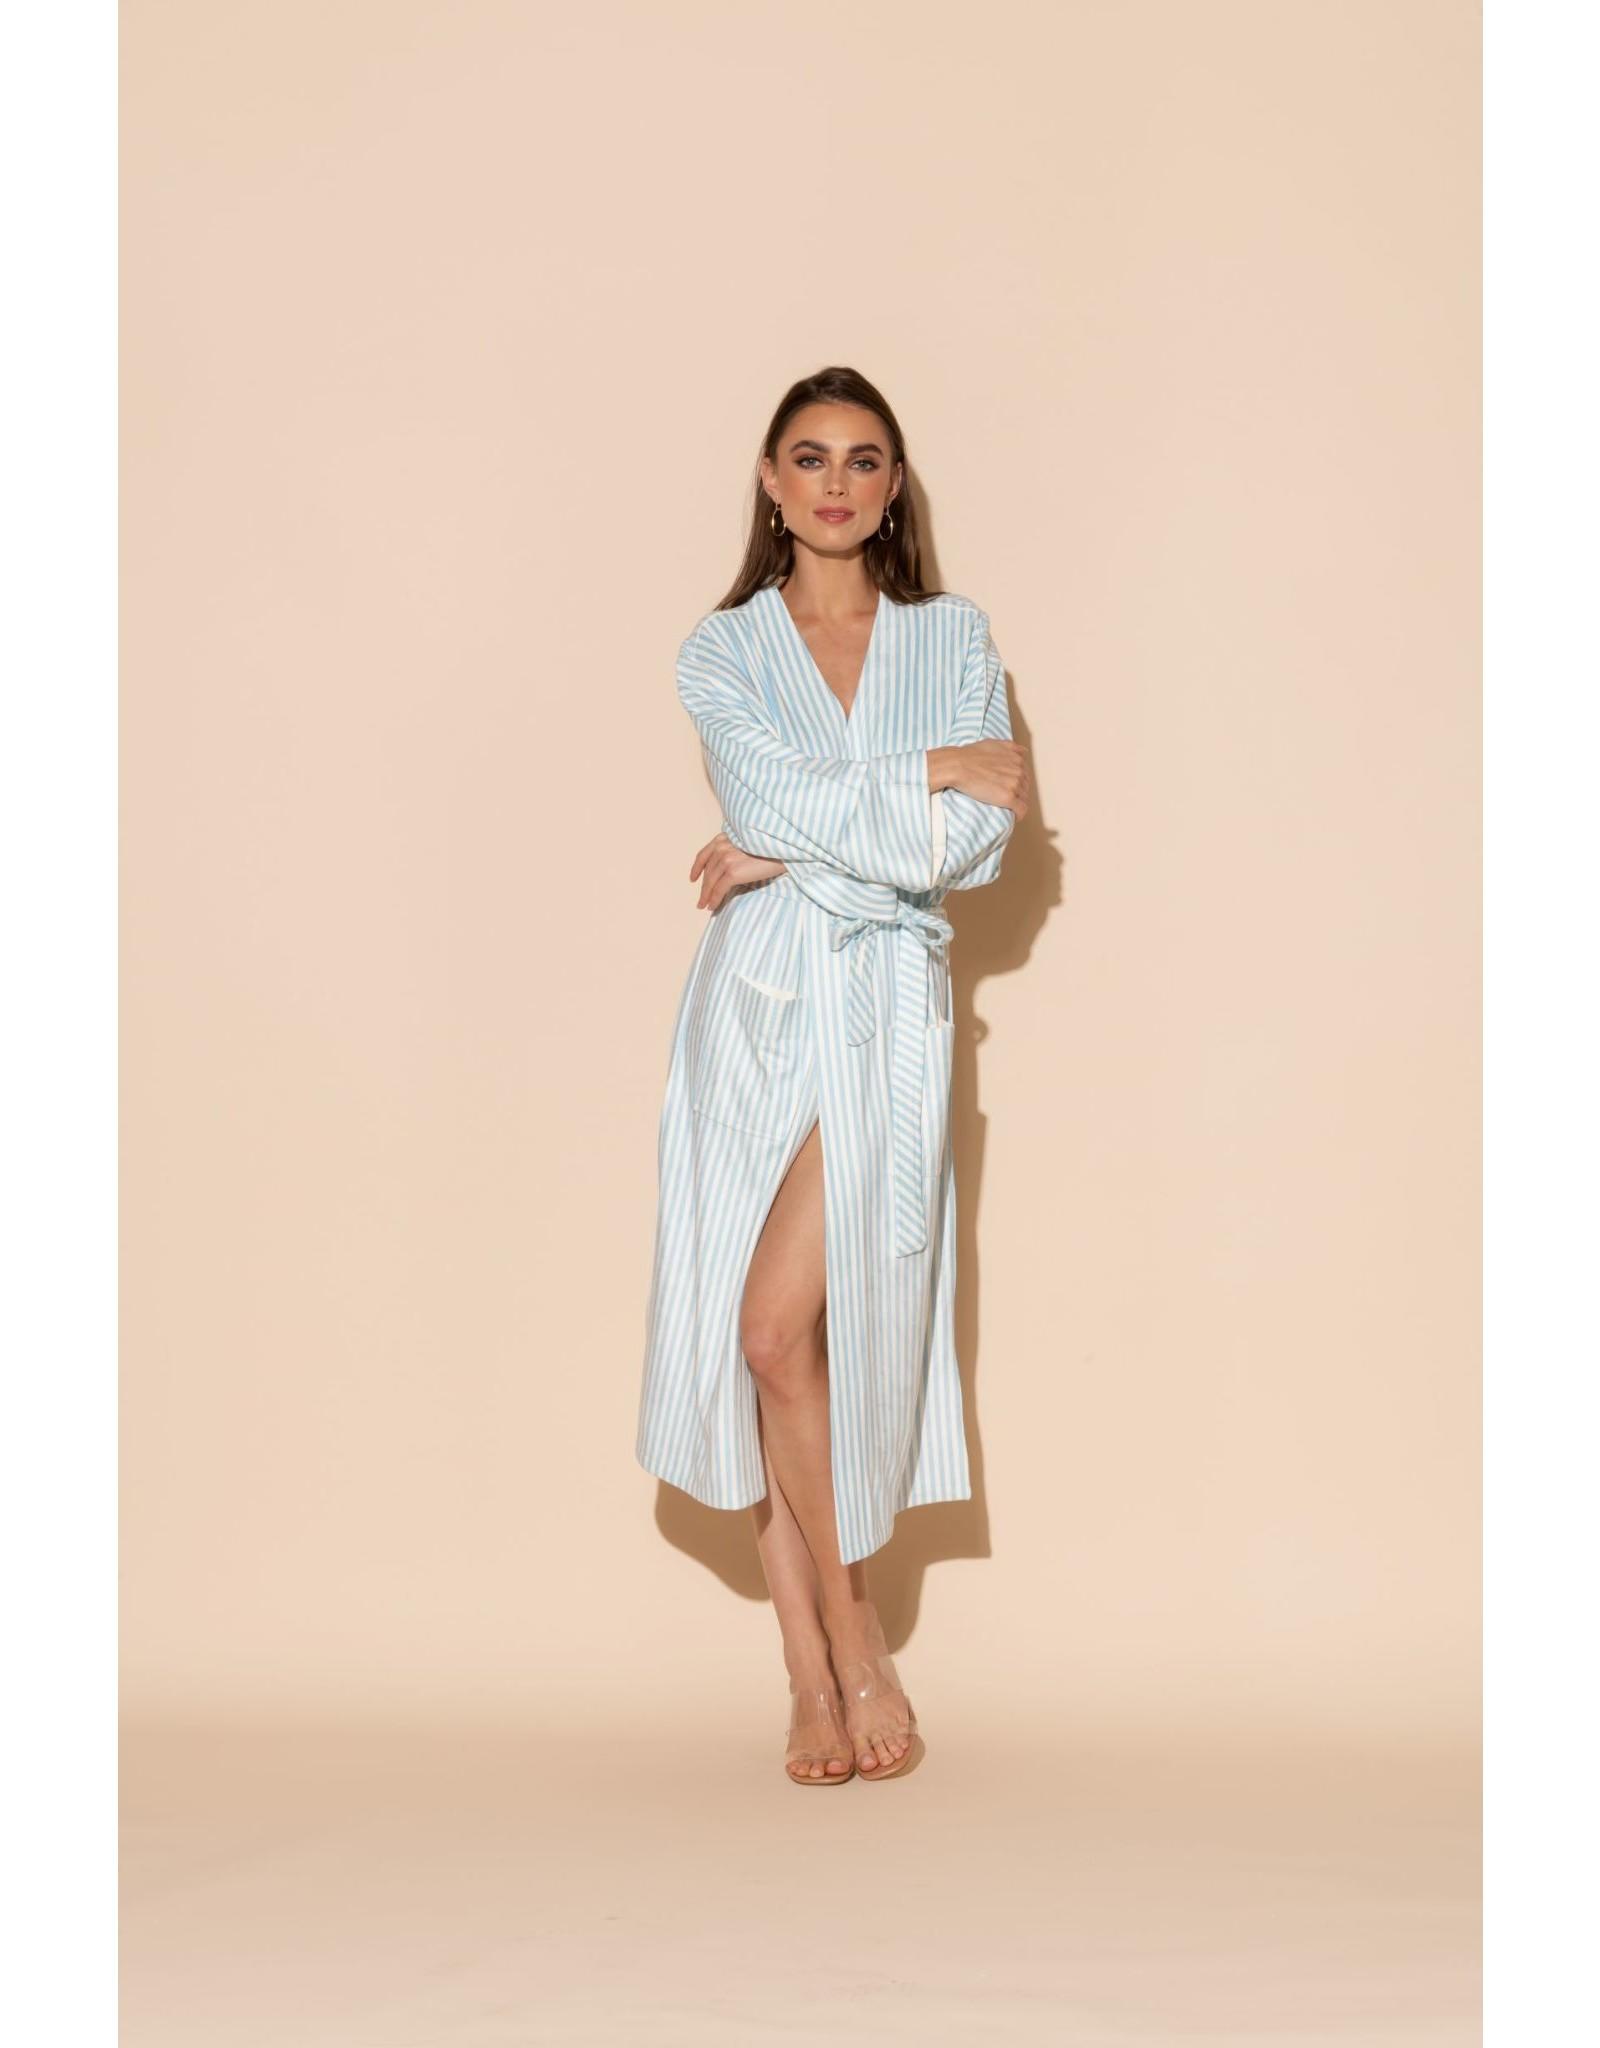 Wrap UP Stripes Kimono 151-BSTR